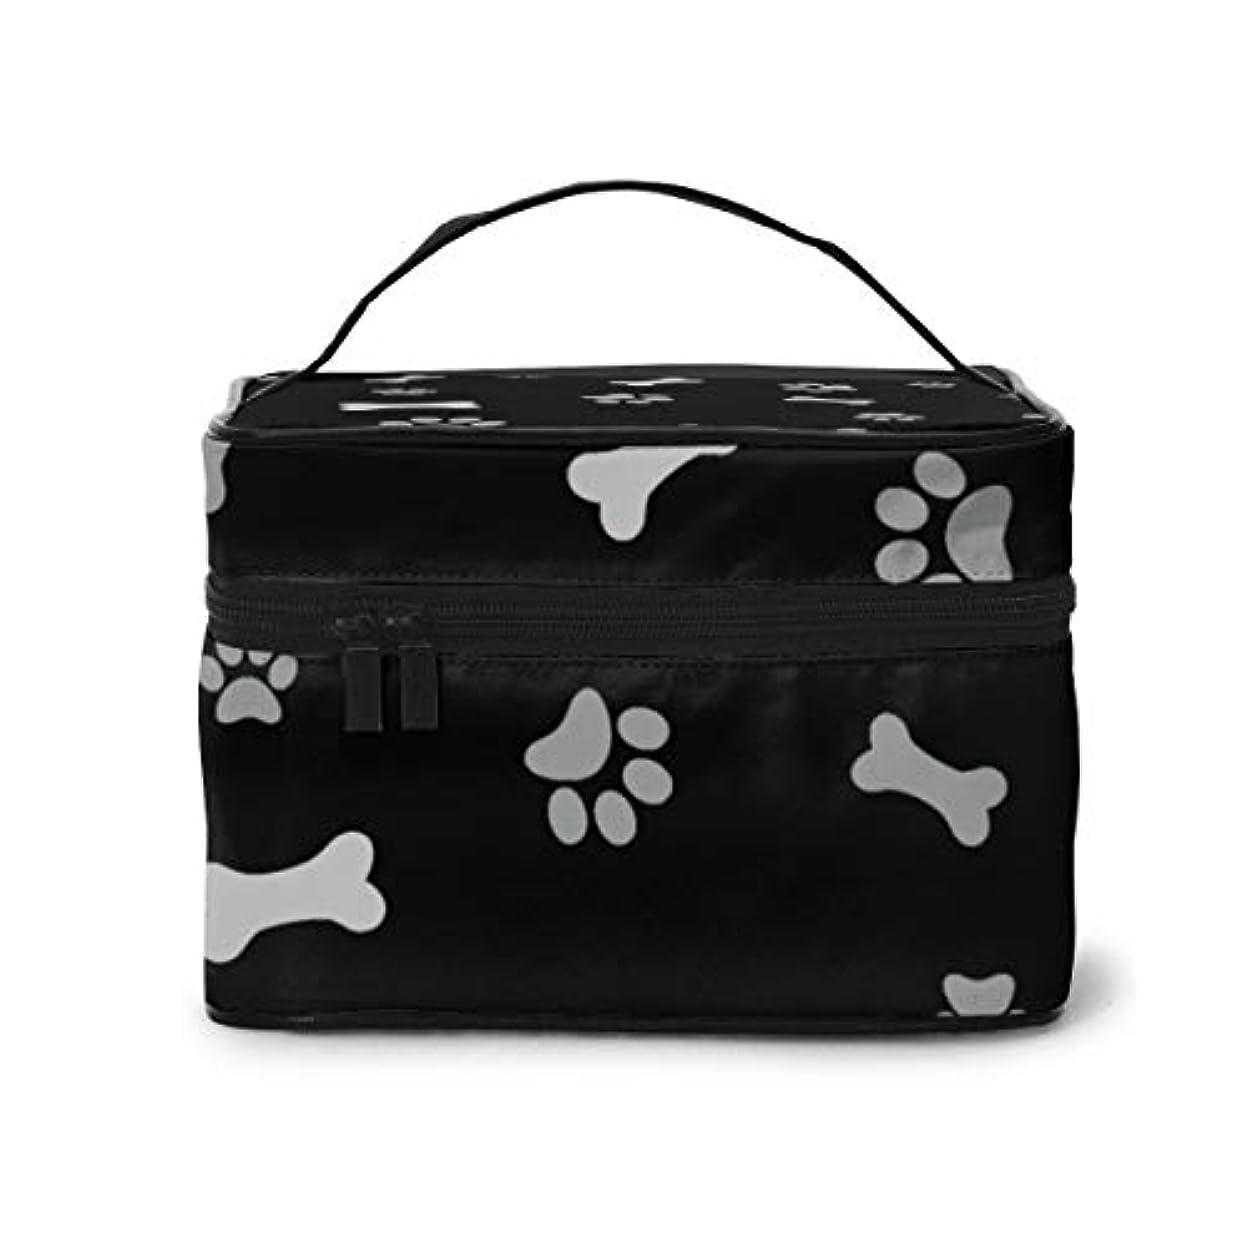 ティッシュ寛解乏しいメイクポーチ 化粧ポーチ コスメバッグ バニティケース トラベルポーチ 犬 イヌ 骨 足 雑貨 小物入れ 出張用 超軽量 機能的 大容量 収納ボックス